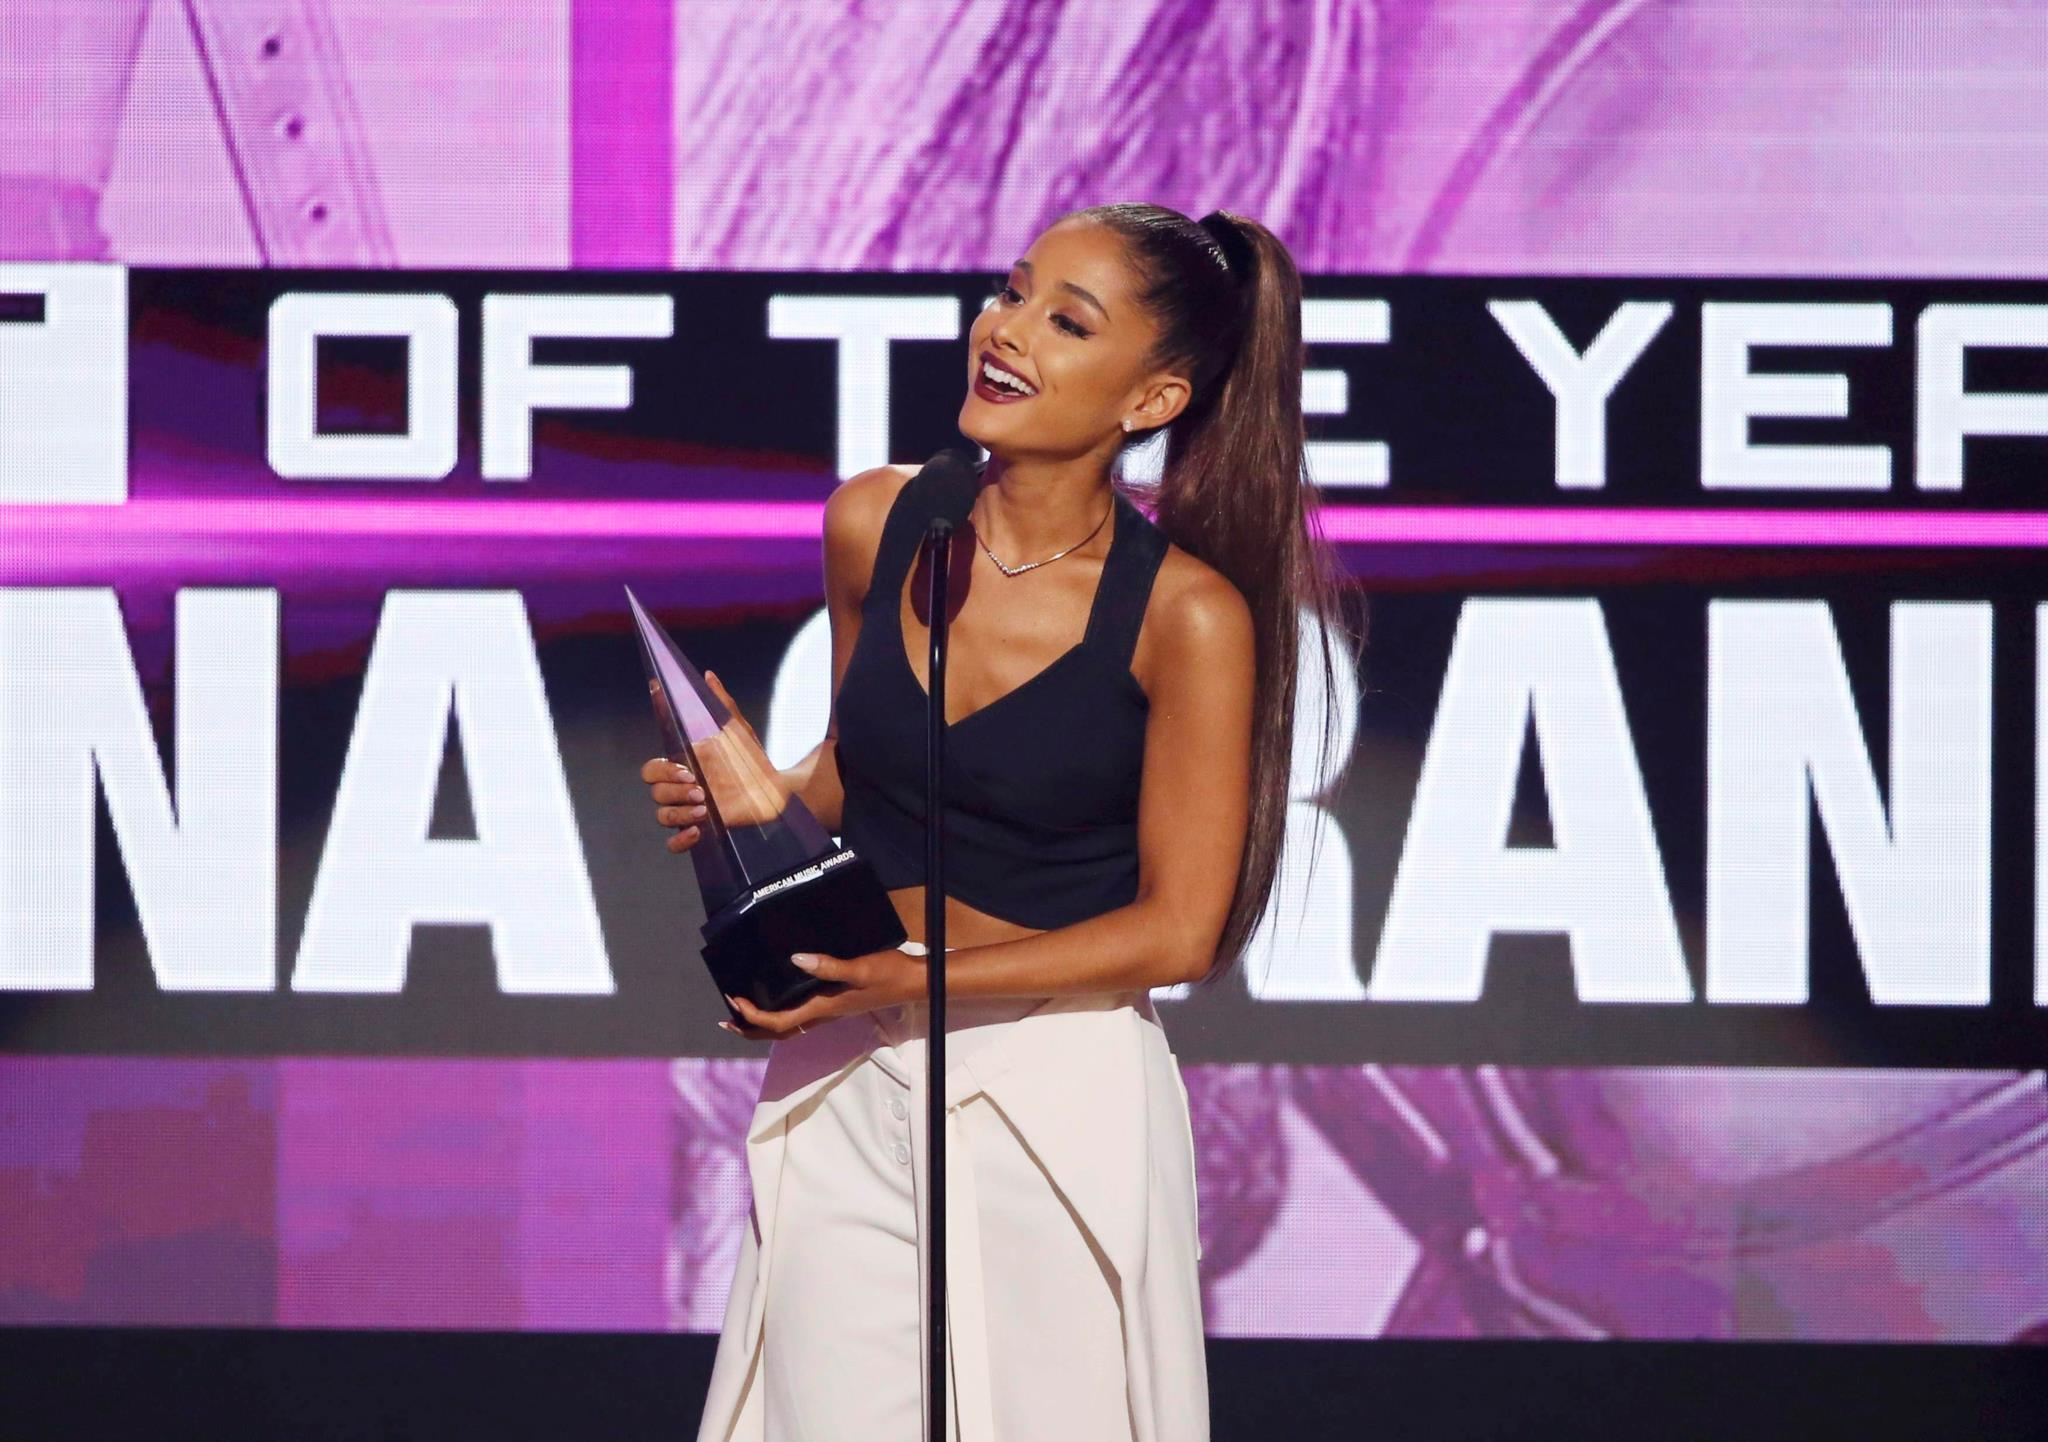 PÚBLICO - Quem é Ariana Grande?